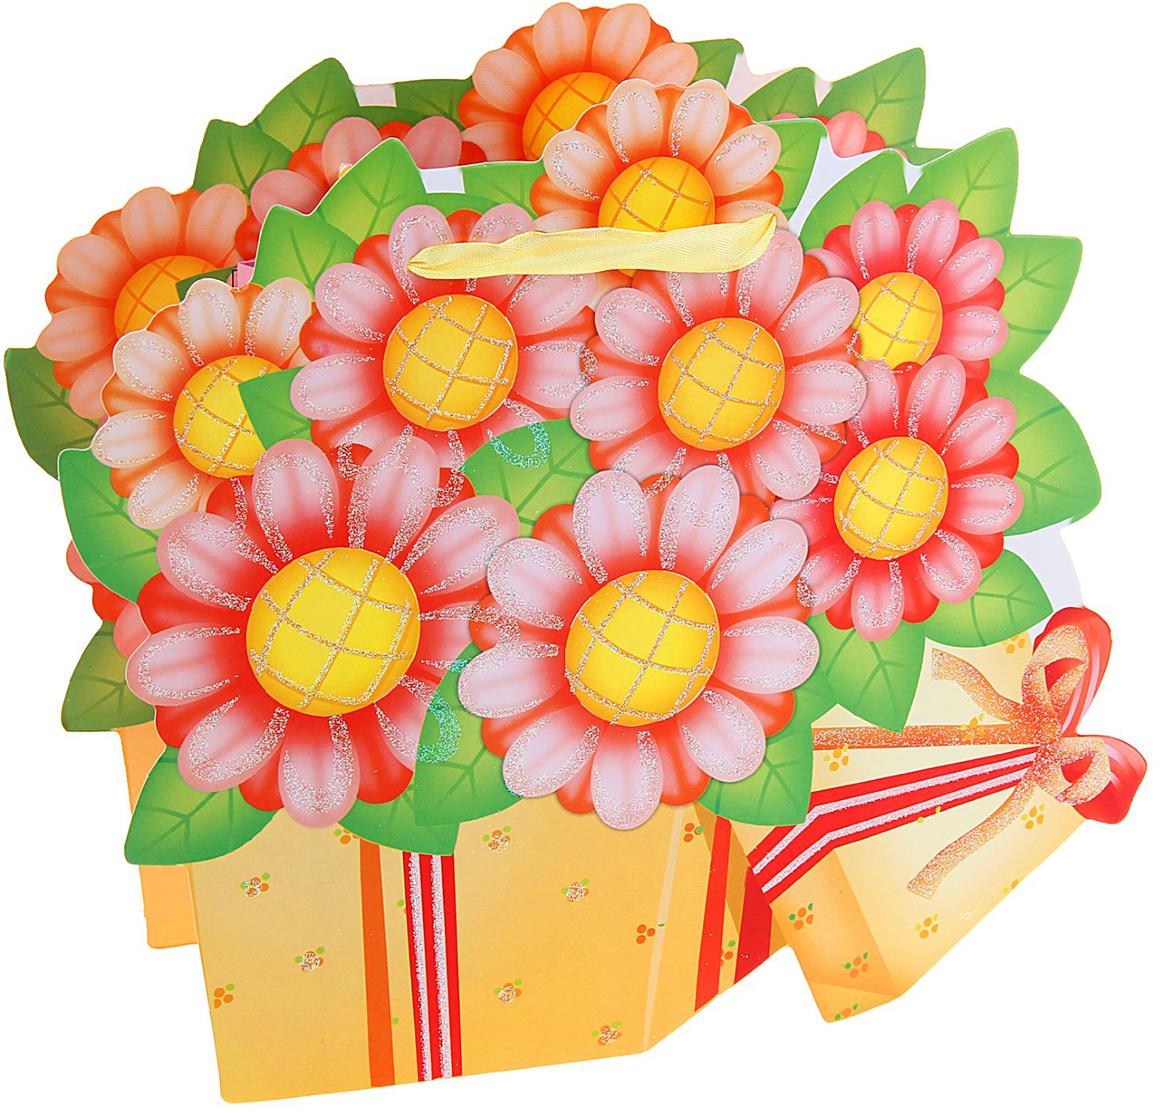 Пакет подарочный Подсолнухи, цвет: мультиколор, 8 х 27 х 27,5 см. 648972648972Любой подарок начинается с упаковки. Что может быть трогательнее и волшебнее, чем ритуал разворачивания полученного презента. И именно оригинальная, со вкусом выбранная упаковка выделит ваш подарок из массы других. Она продемонстрирует самые теплые чувства к виновнику торжества и создаст сказочную атмосферу праздника. Пакет ламинированный Подсолнухи - это то, что вы искали.